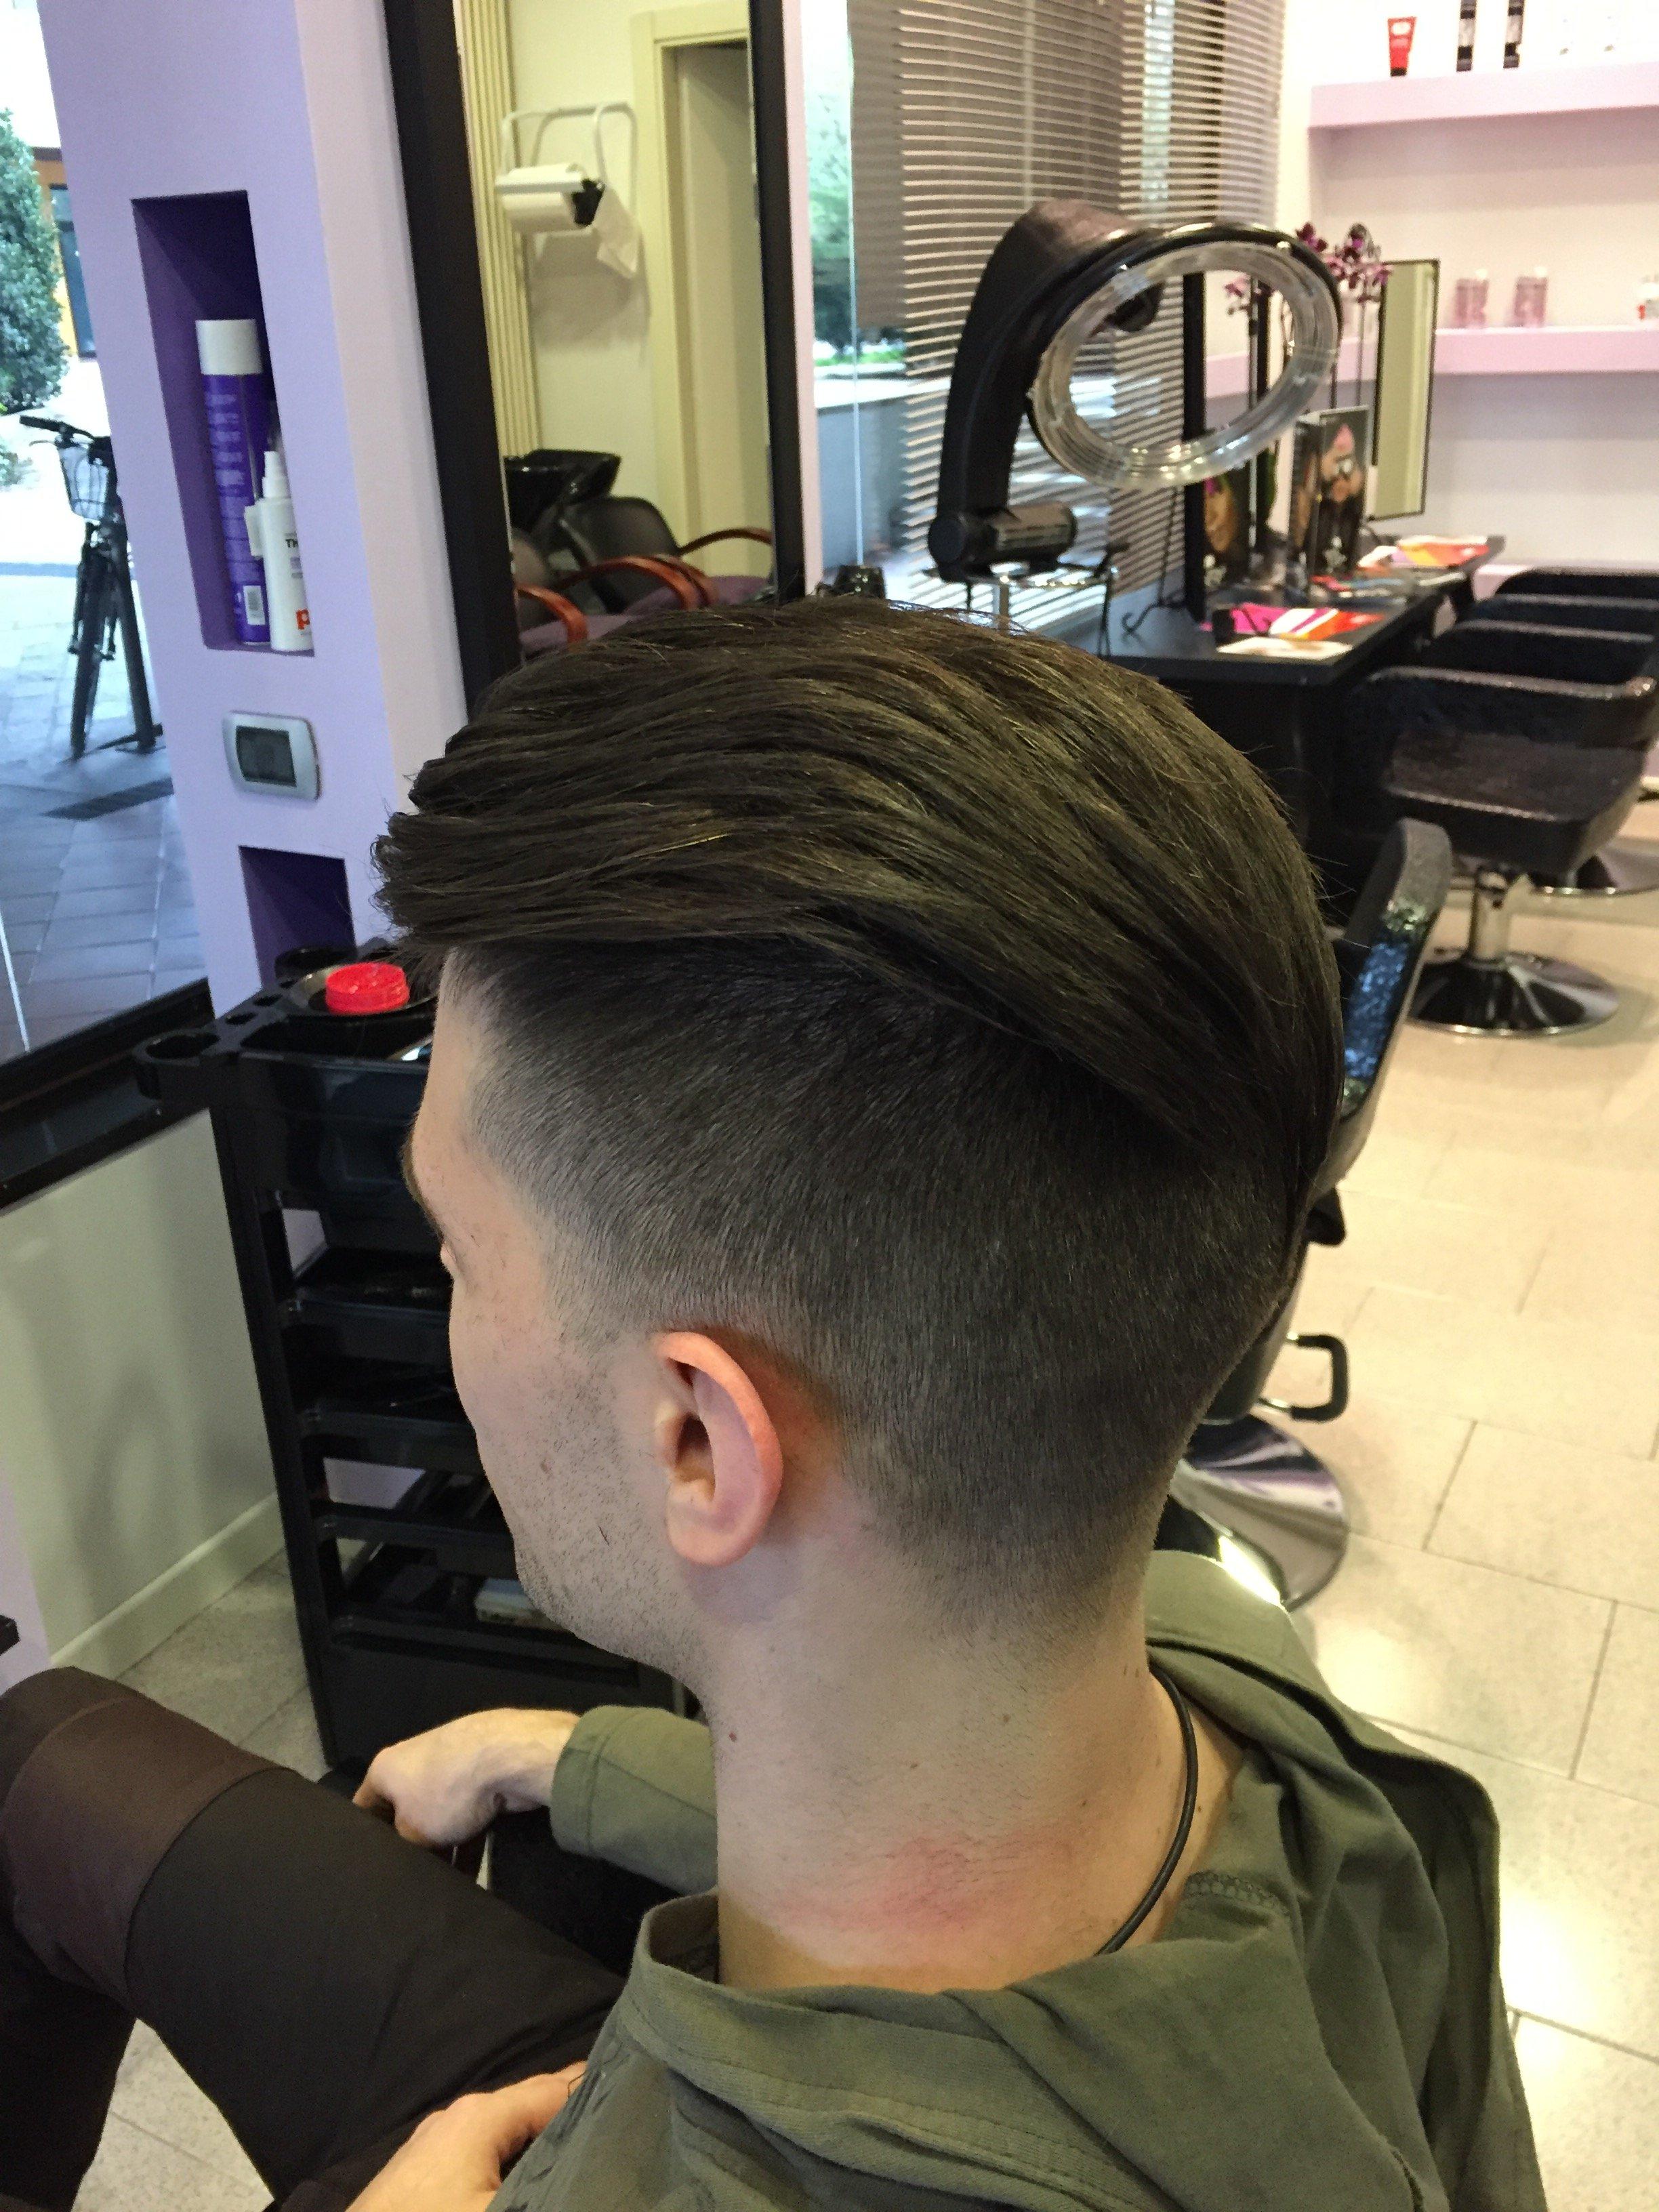 un ragazzo con capelli rasati ai lati e sopra lunghi